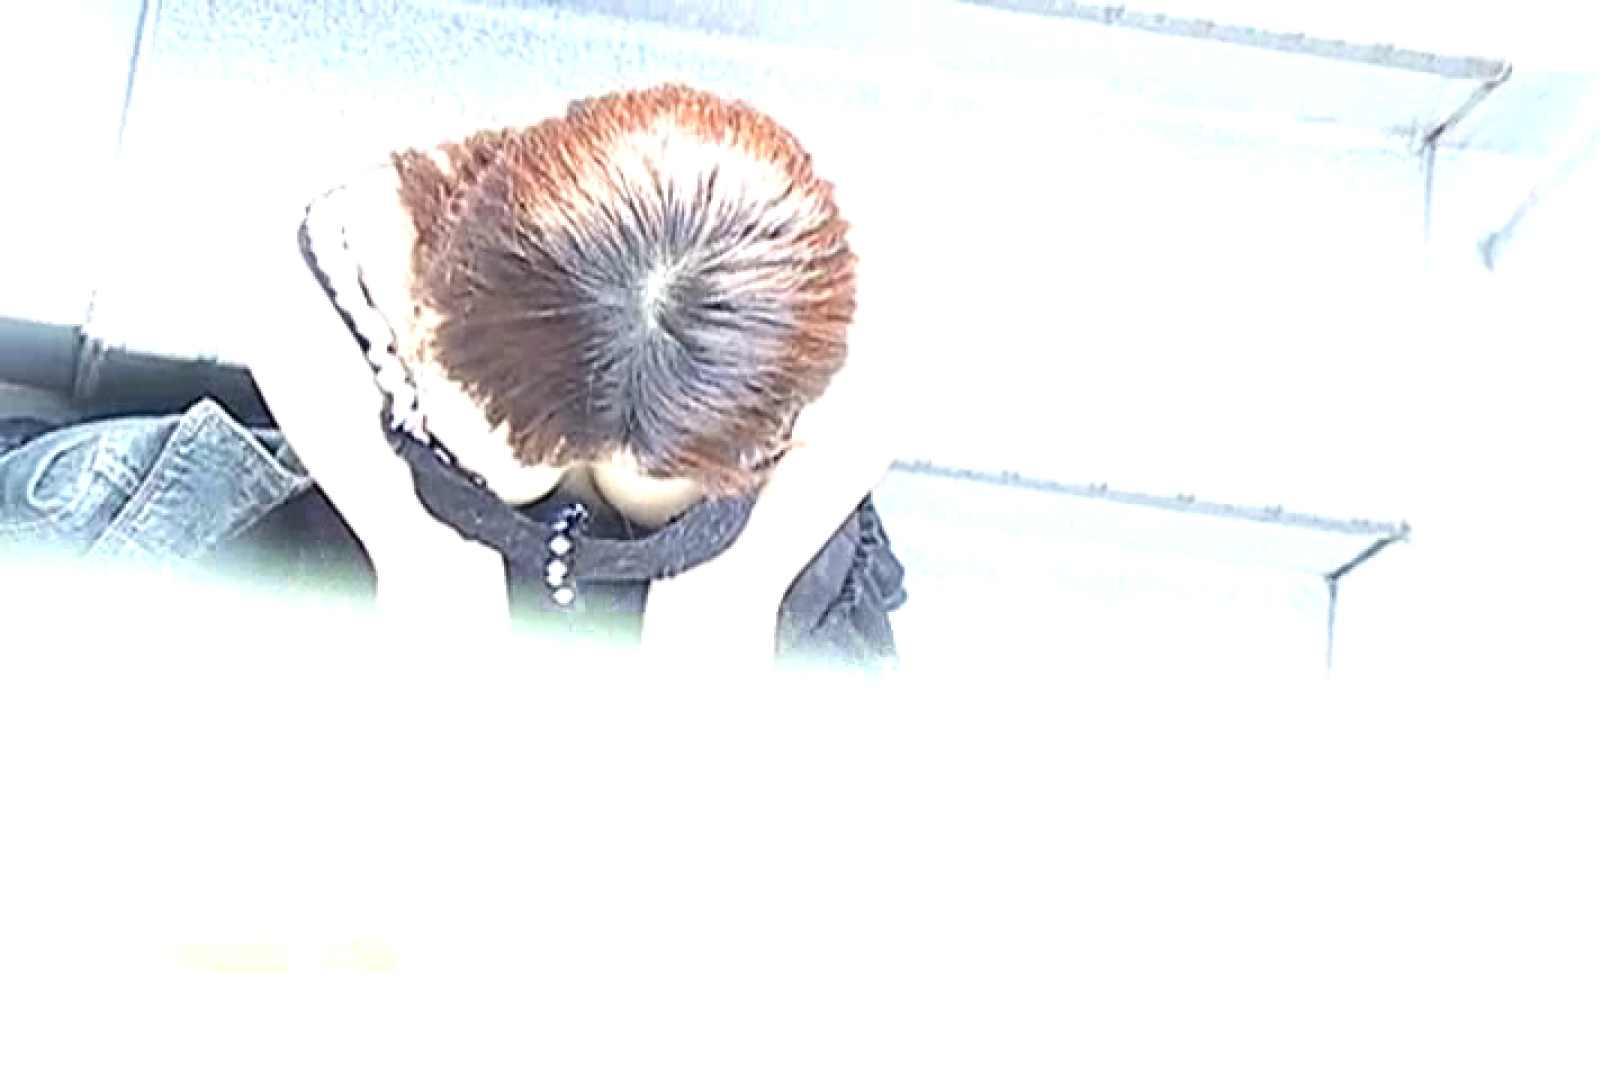 徘徊撮り!!街で出会った乳首たちVol.2 OLエロ画像 盗撮えろ無修正画像 61PICs 7